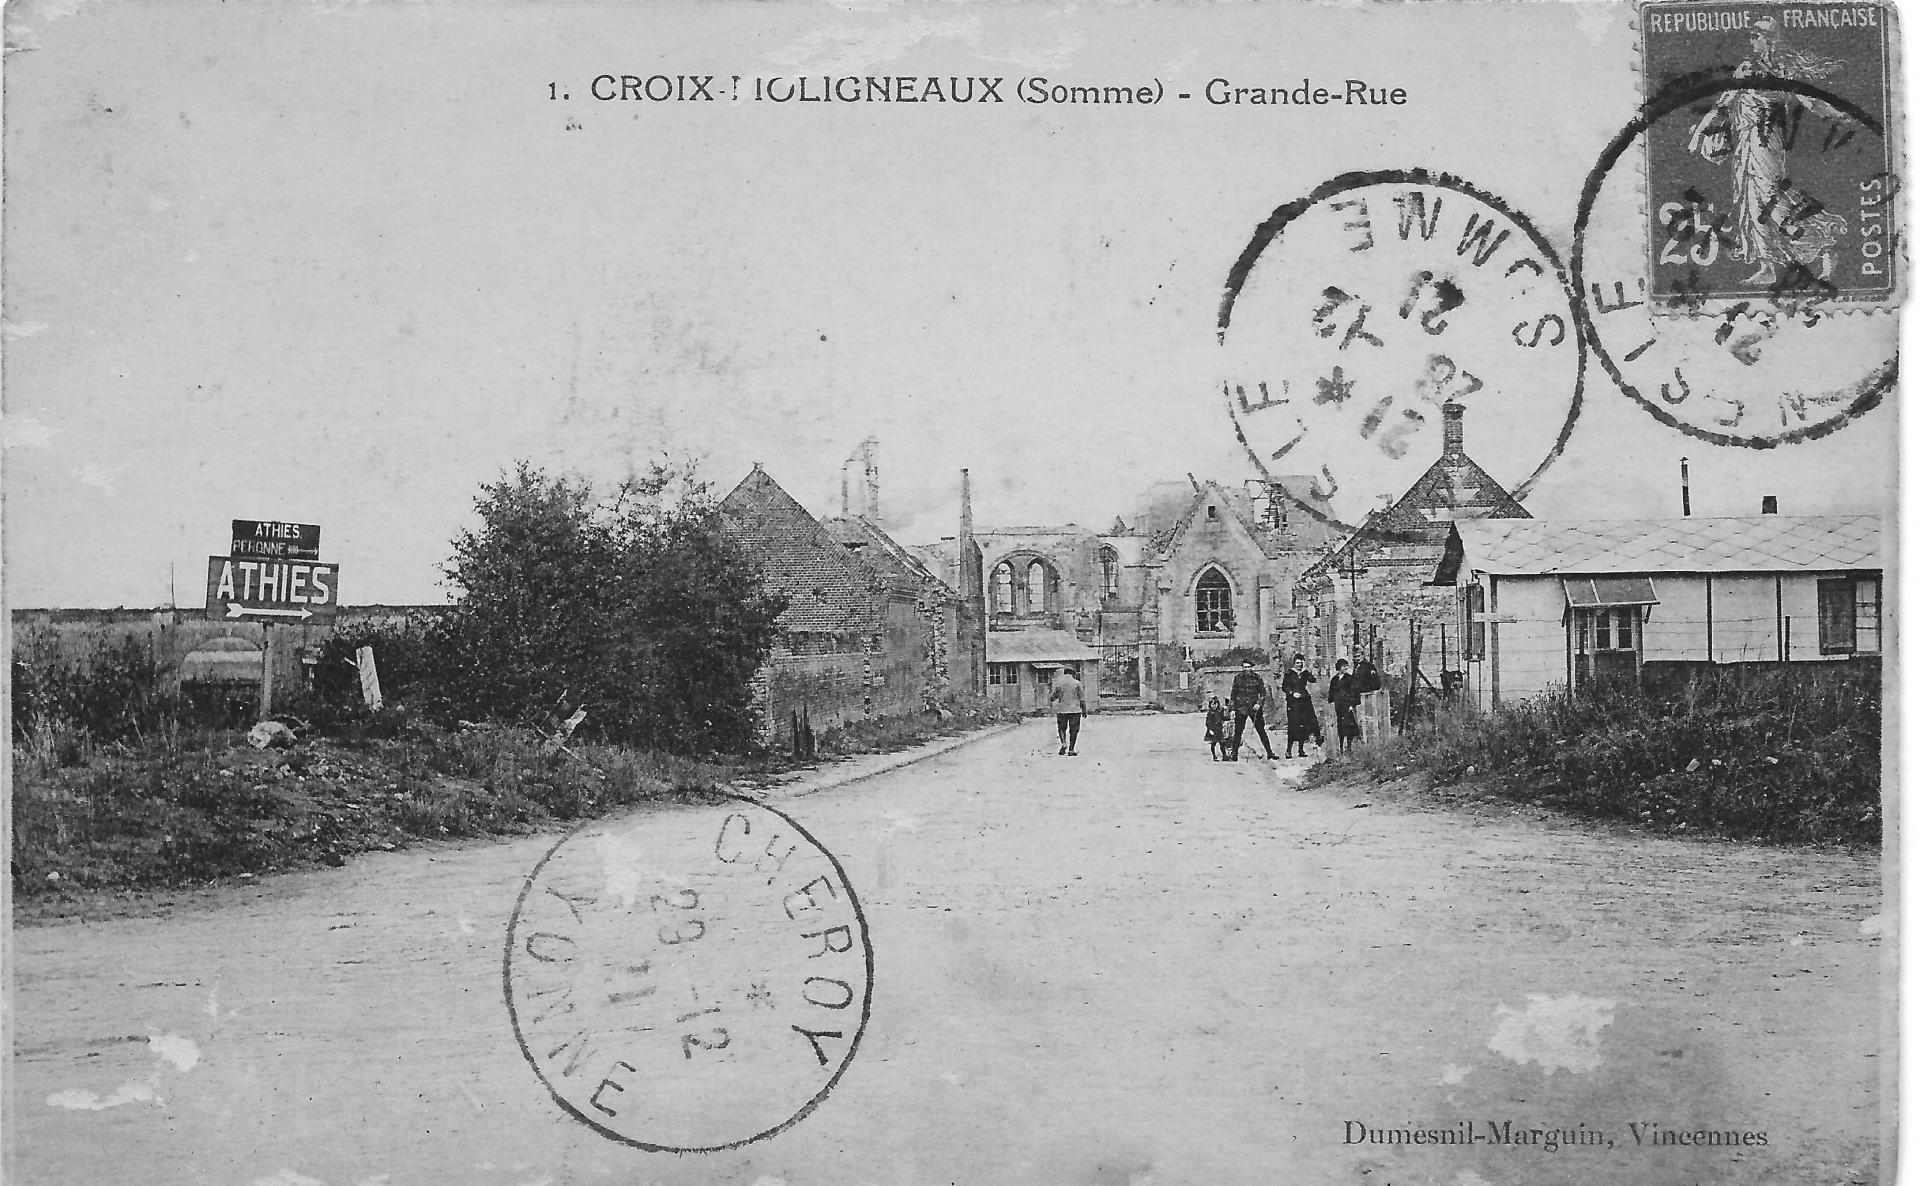 Croix moligneaux rue eglise 1922